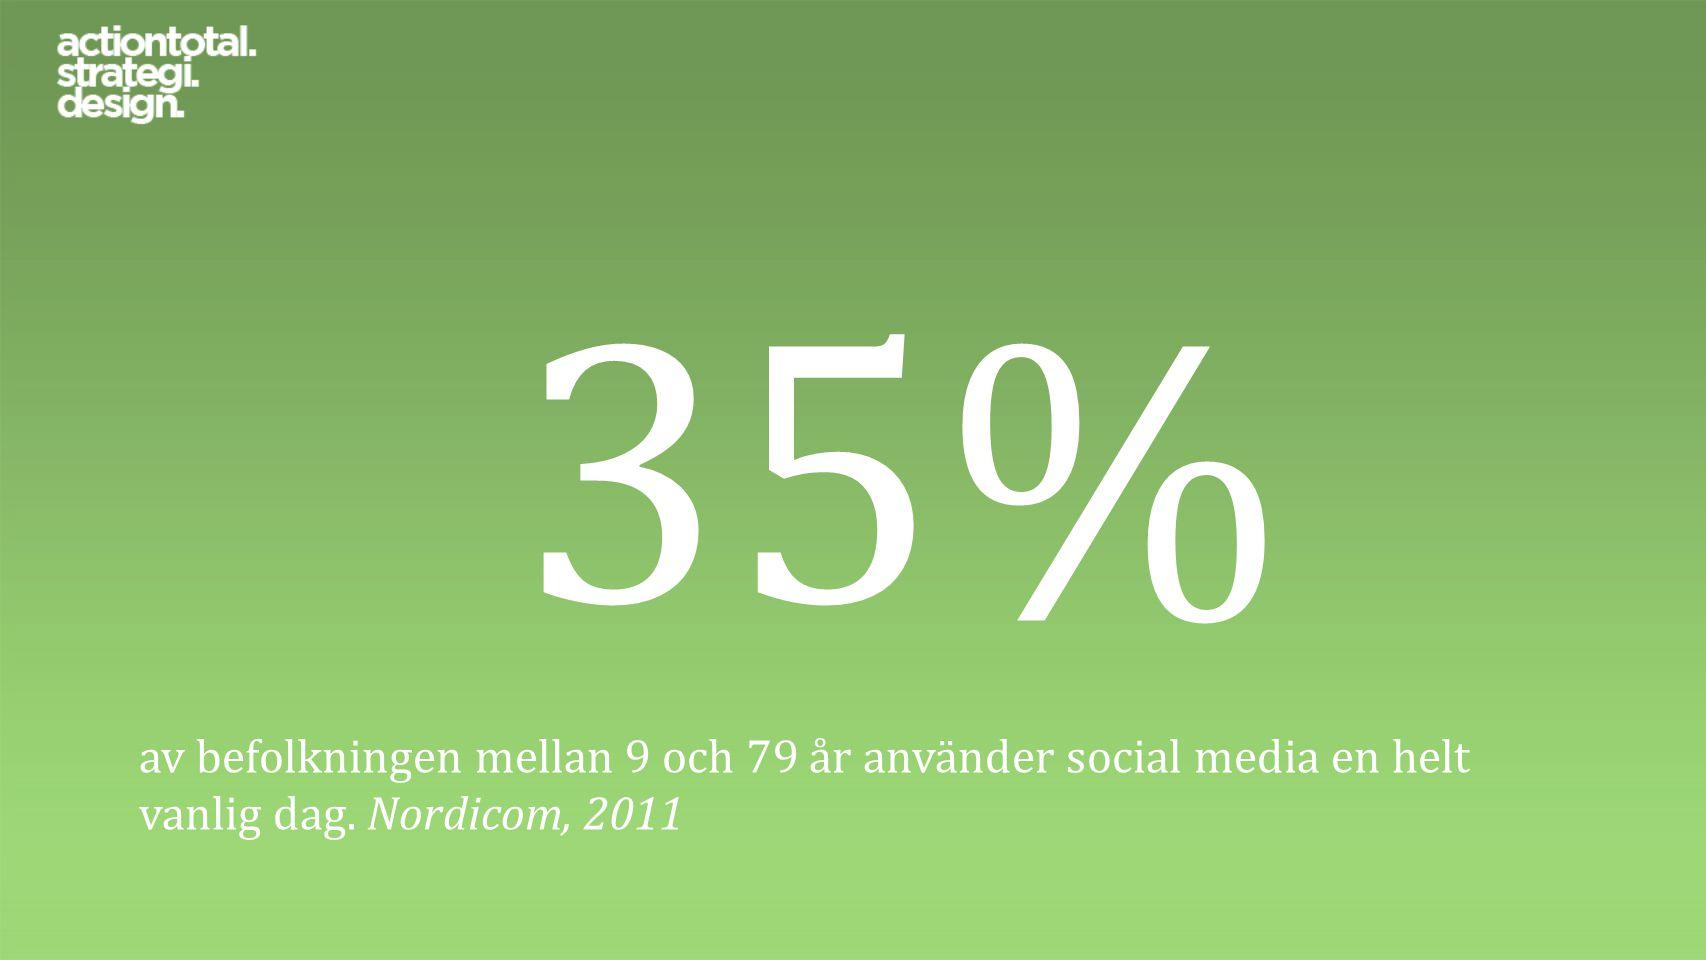 Tid i snitt per vecka som kvinnor i Stockholm spenderar i social media Metropolitan Report, 2011 8 timmar och 15 minuter